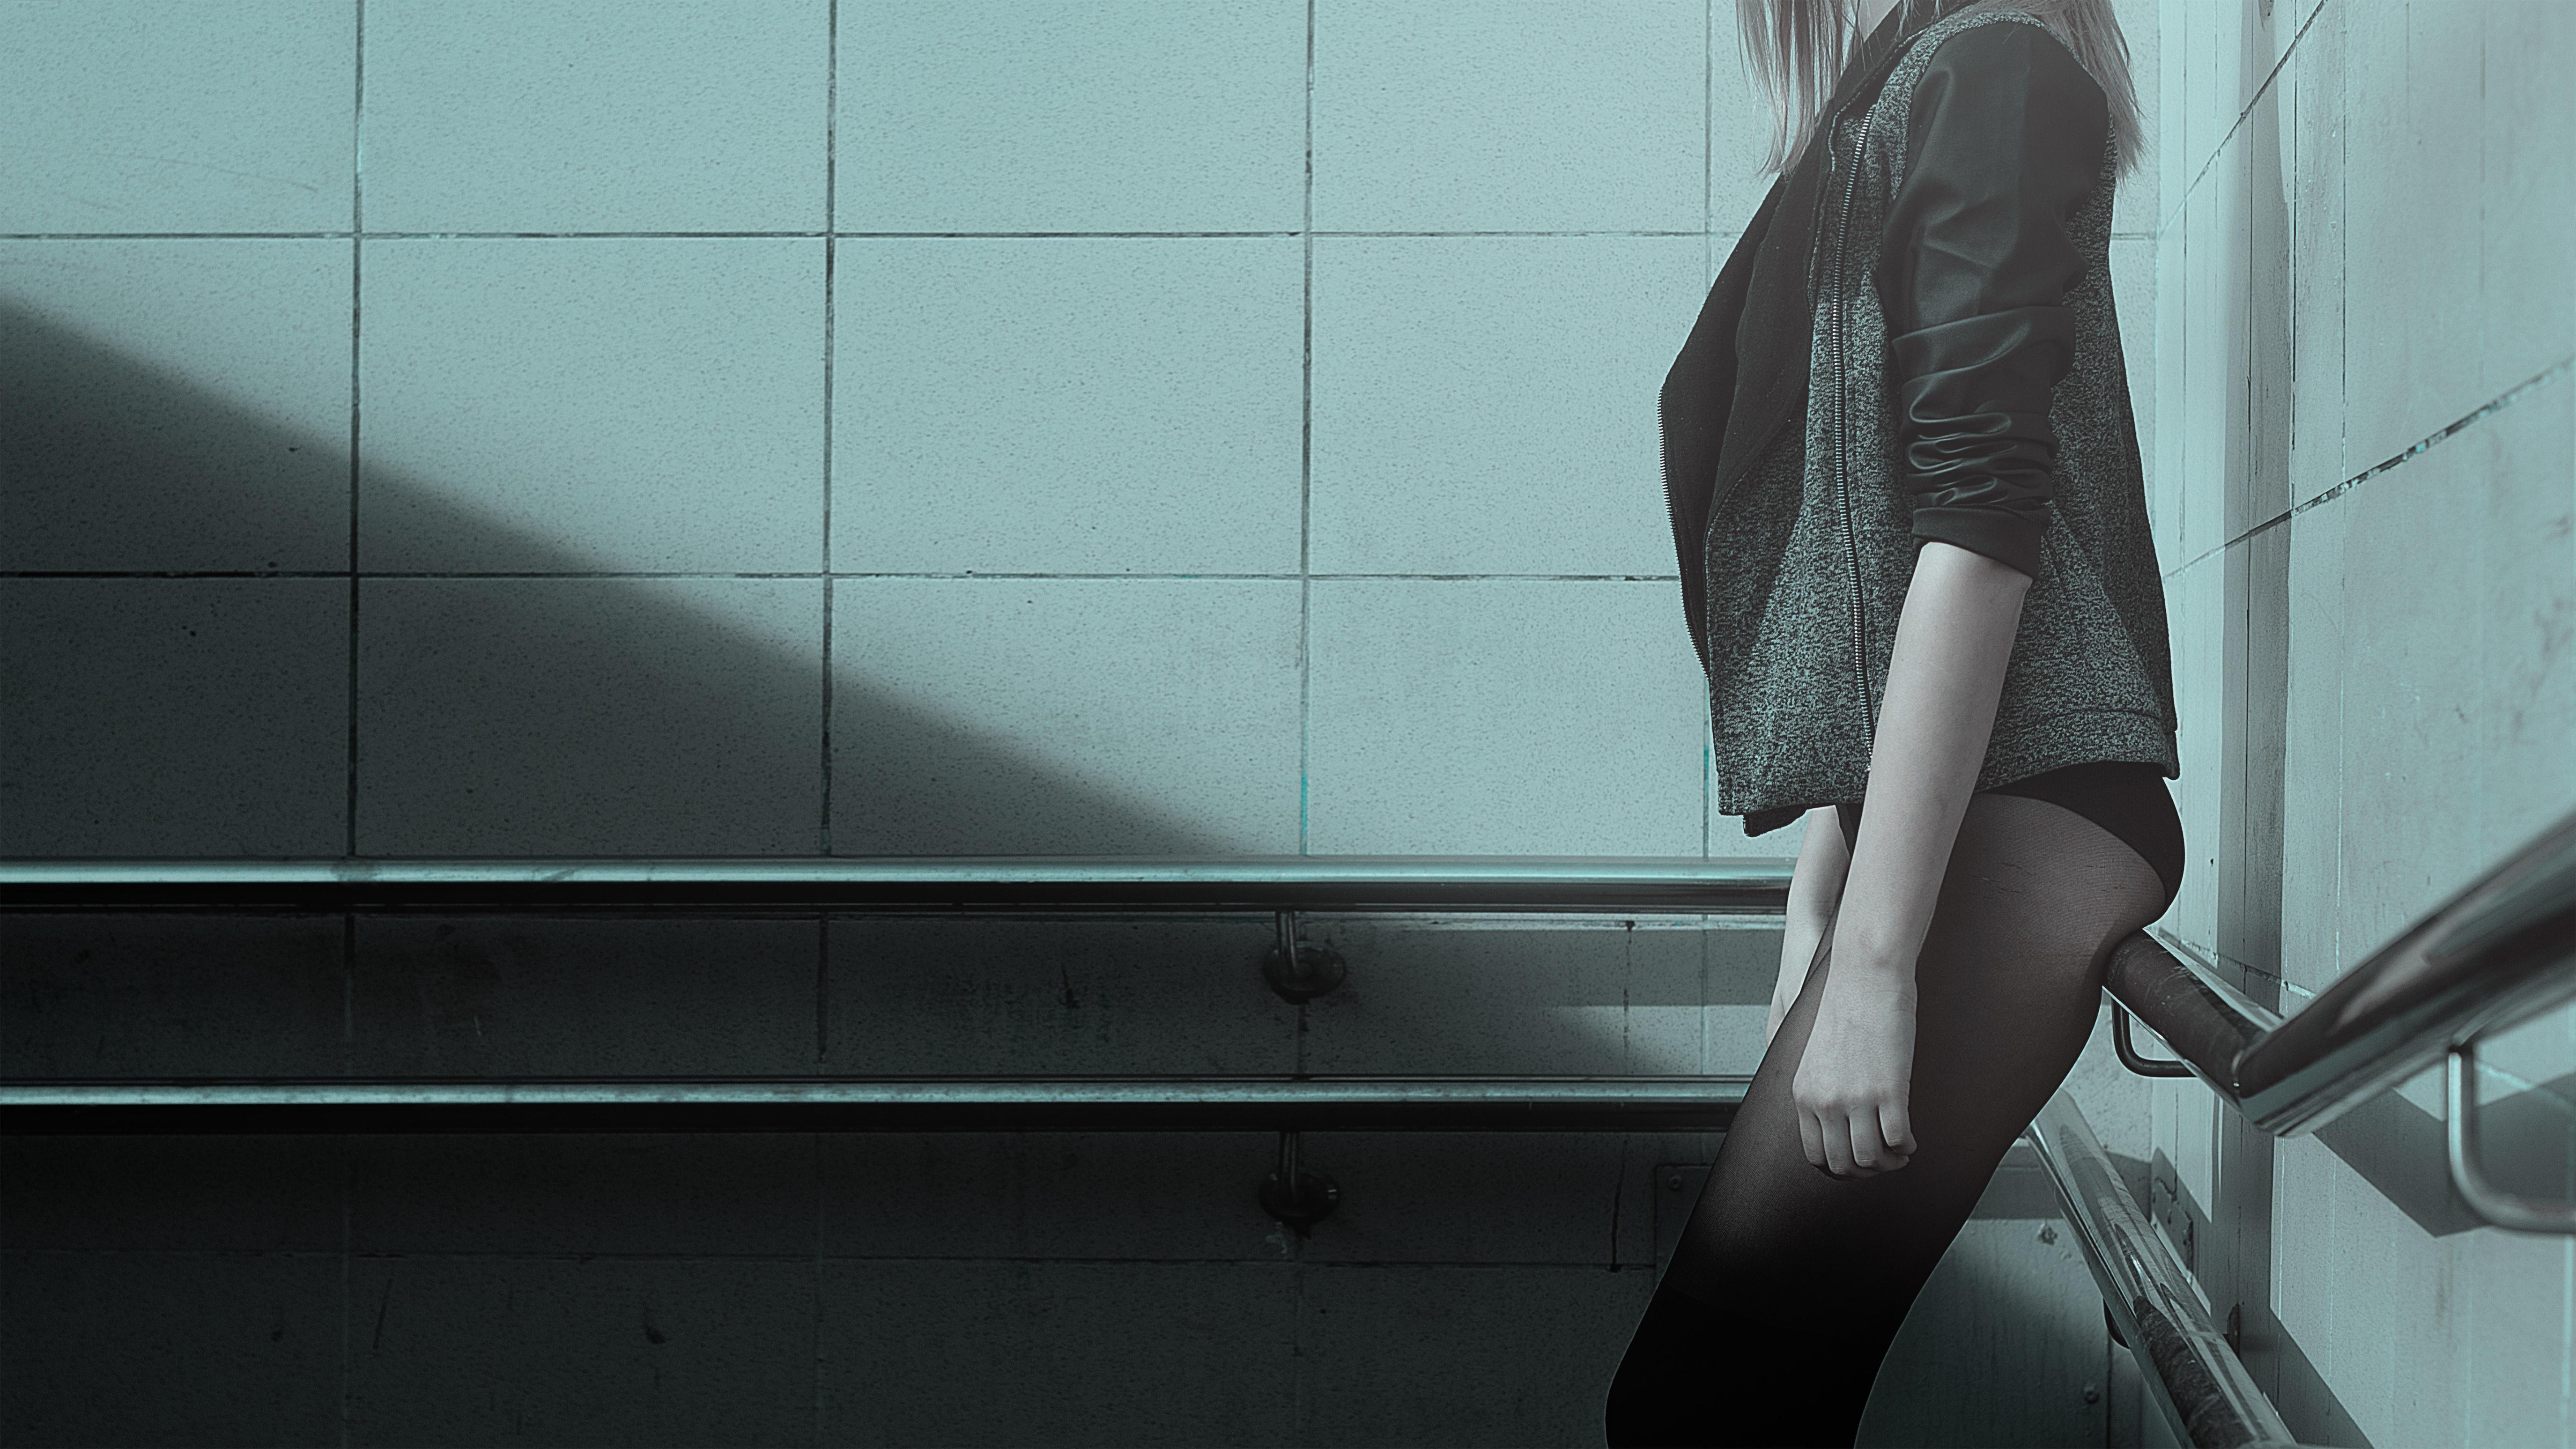 femme, corps tronqué, en collant, veste, cage d'escalier